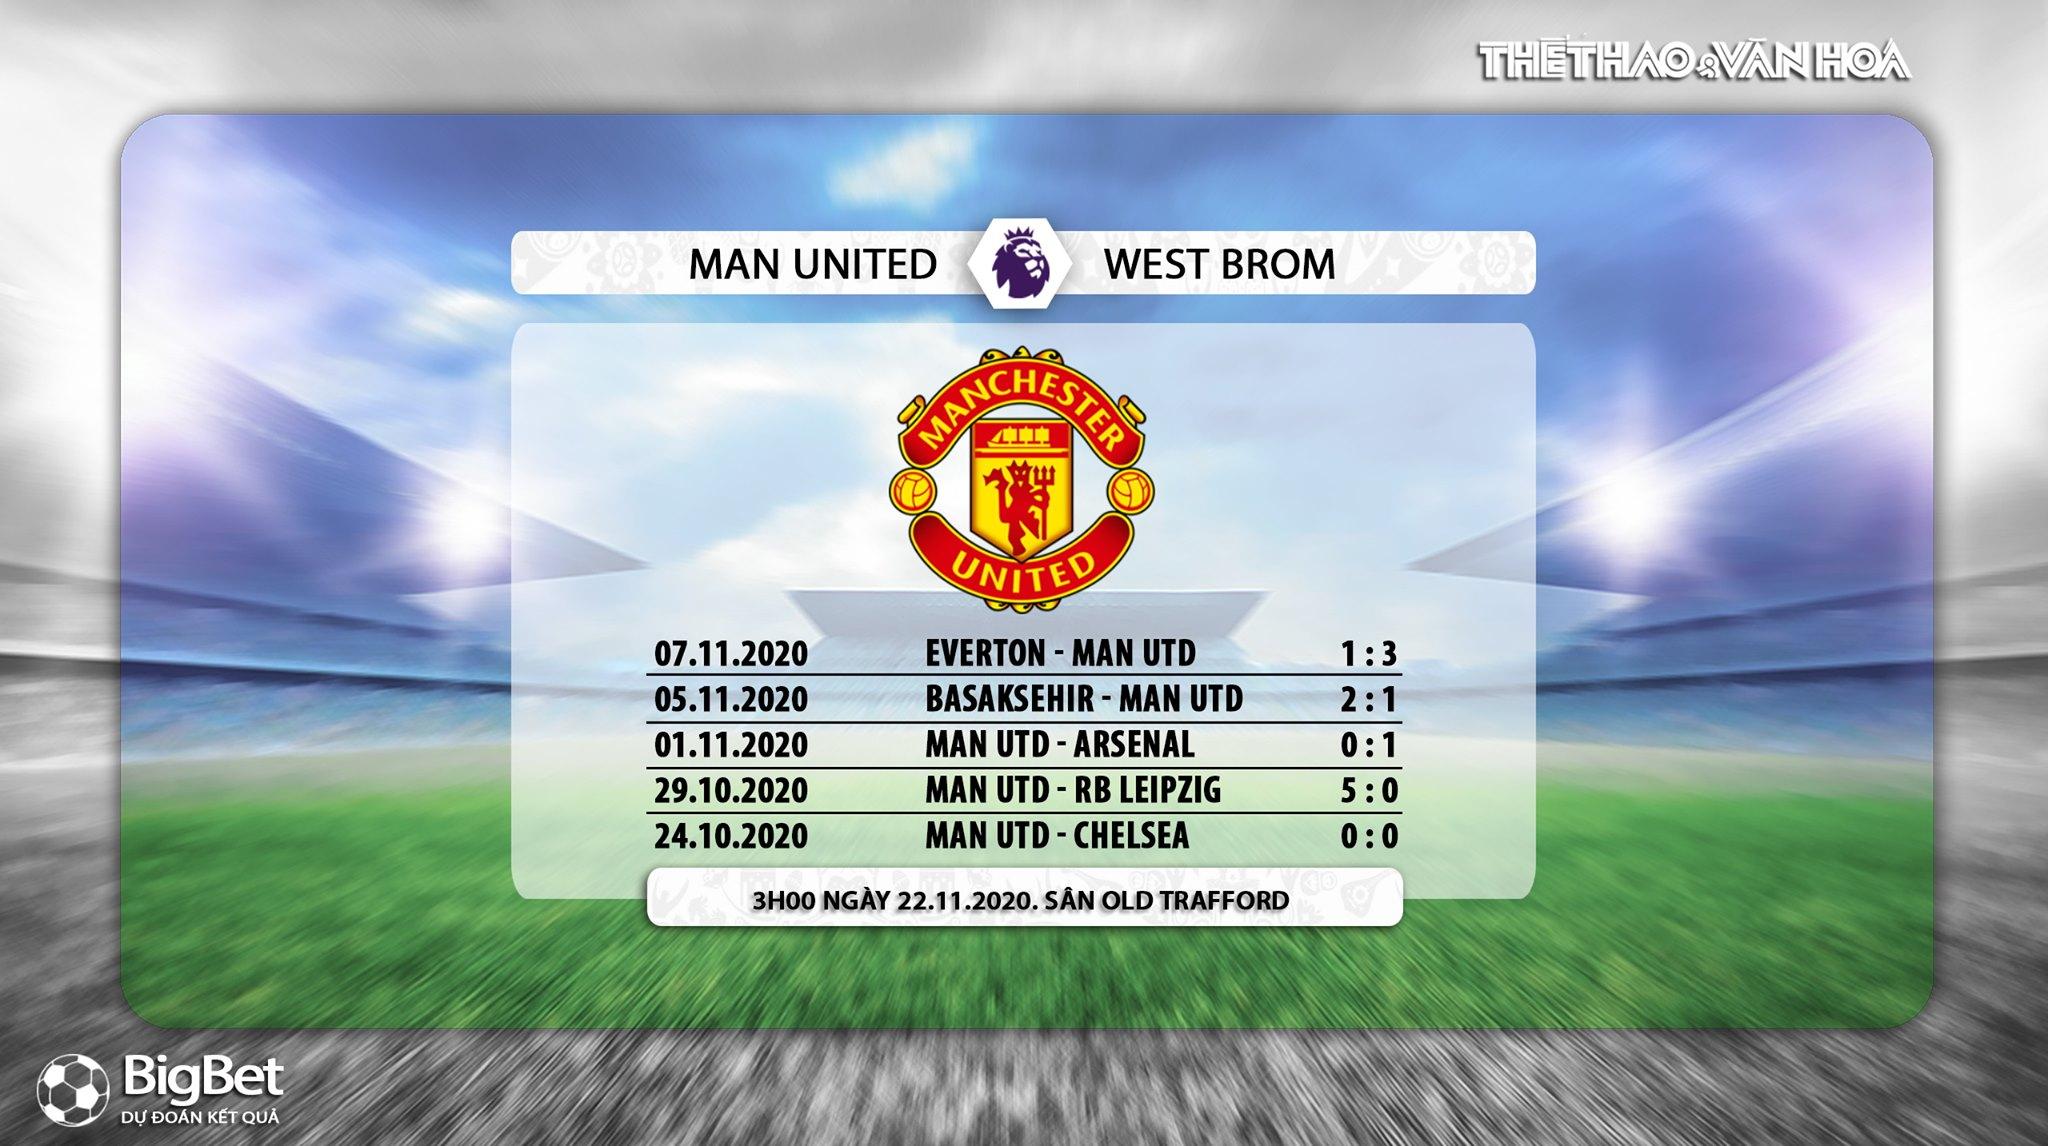 Keo nha cai, Kèo nhà cái, MU vs West Brom, Trực tiếp bóng đá, Ngoại hạng Anh, K+, Xem K+PM, Vòng 9 Giải ngoại hạng Anh, Trực tiếp K+PM,Trực tiếp bóng đá MU